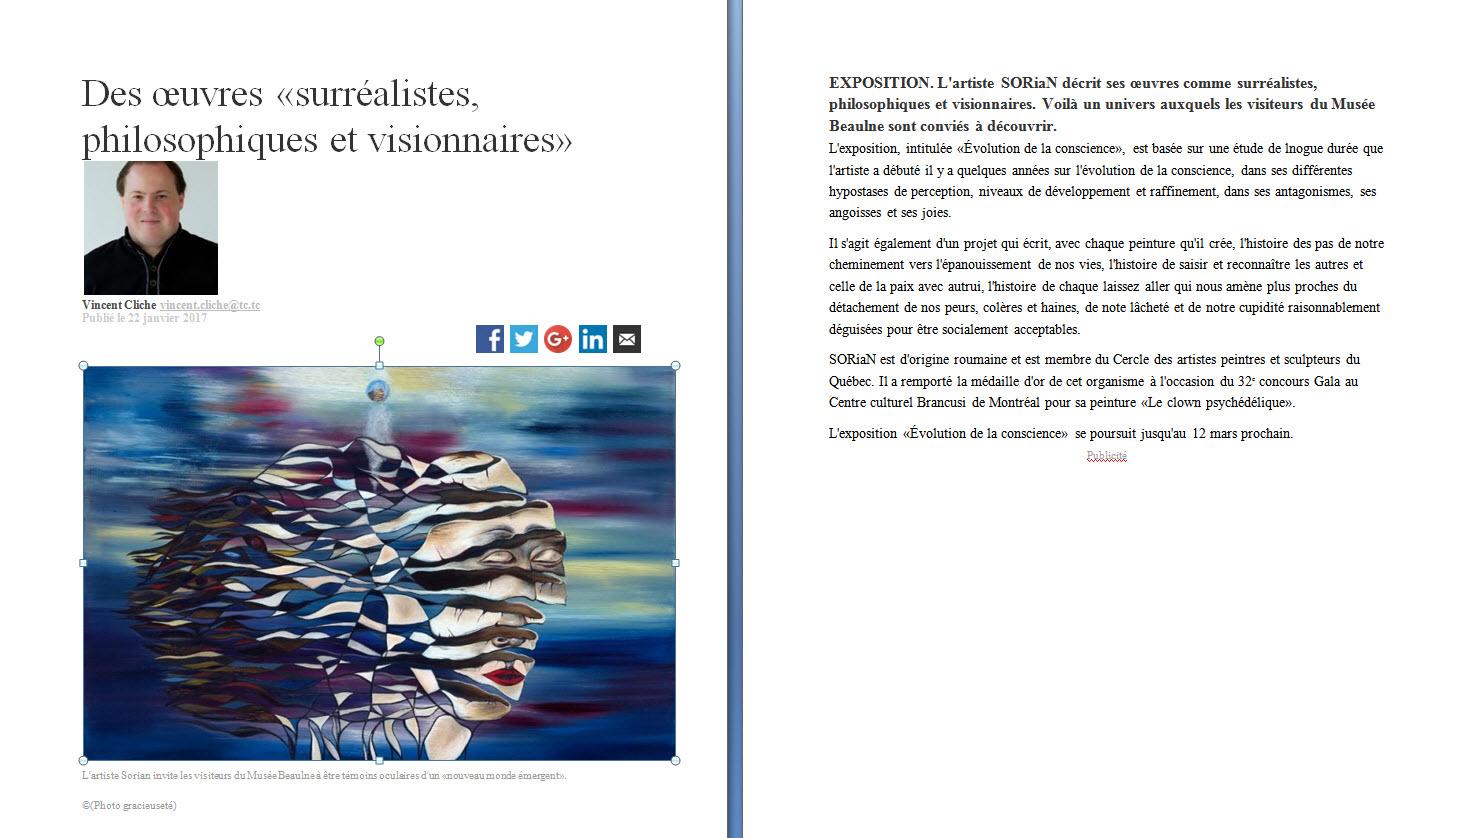 Des_œuvres_«surréalistes,_philosophiques_et_visionnaires».jpg